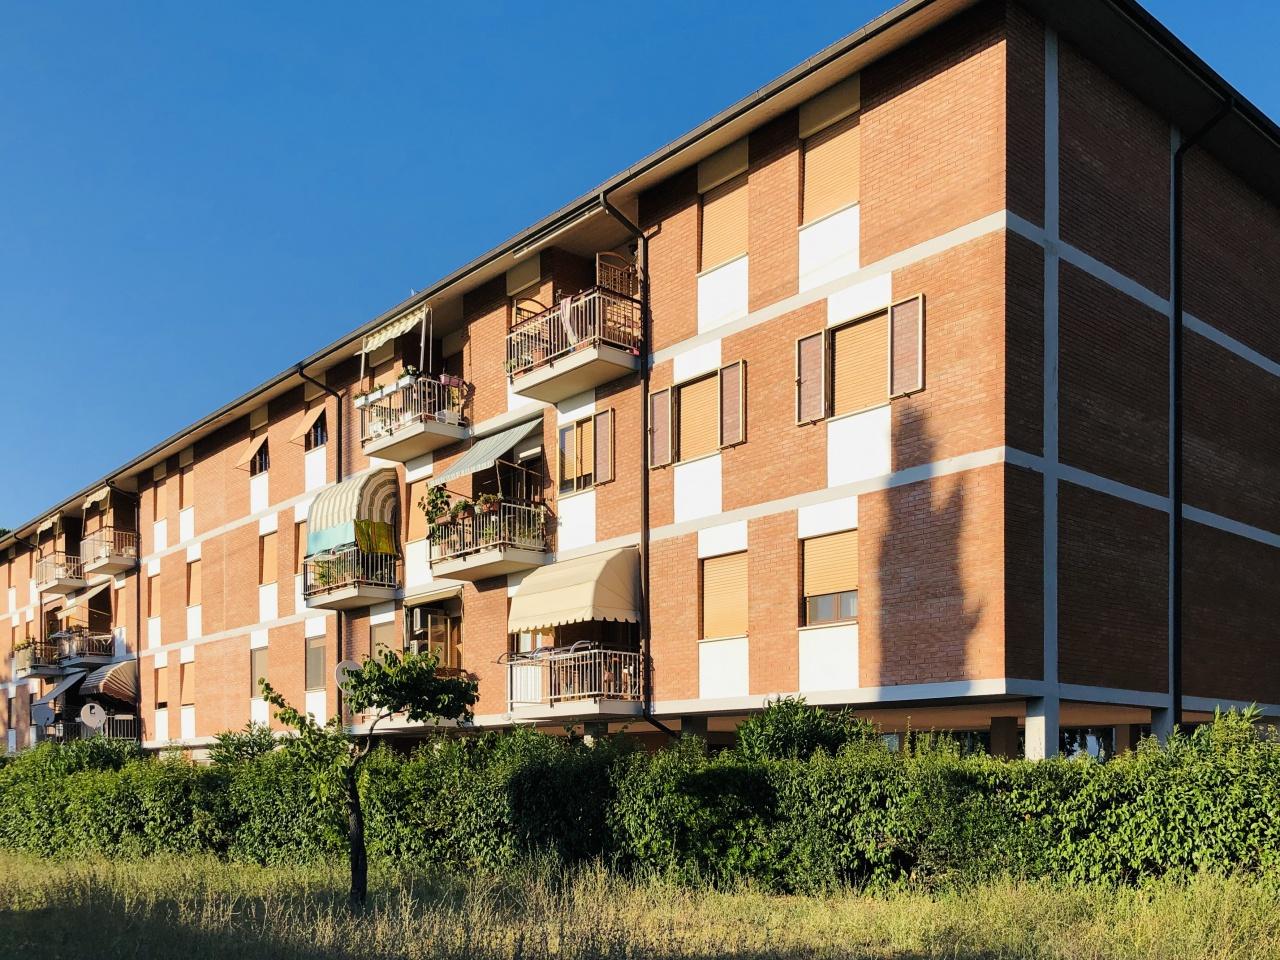 Appartamento in vendita a Grosseto, 5 locali, prezzo € 180.000 | PortaleAgenzieImmobiliari.it